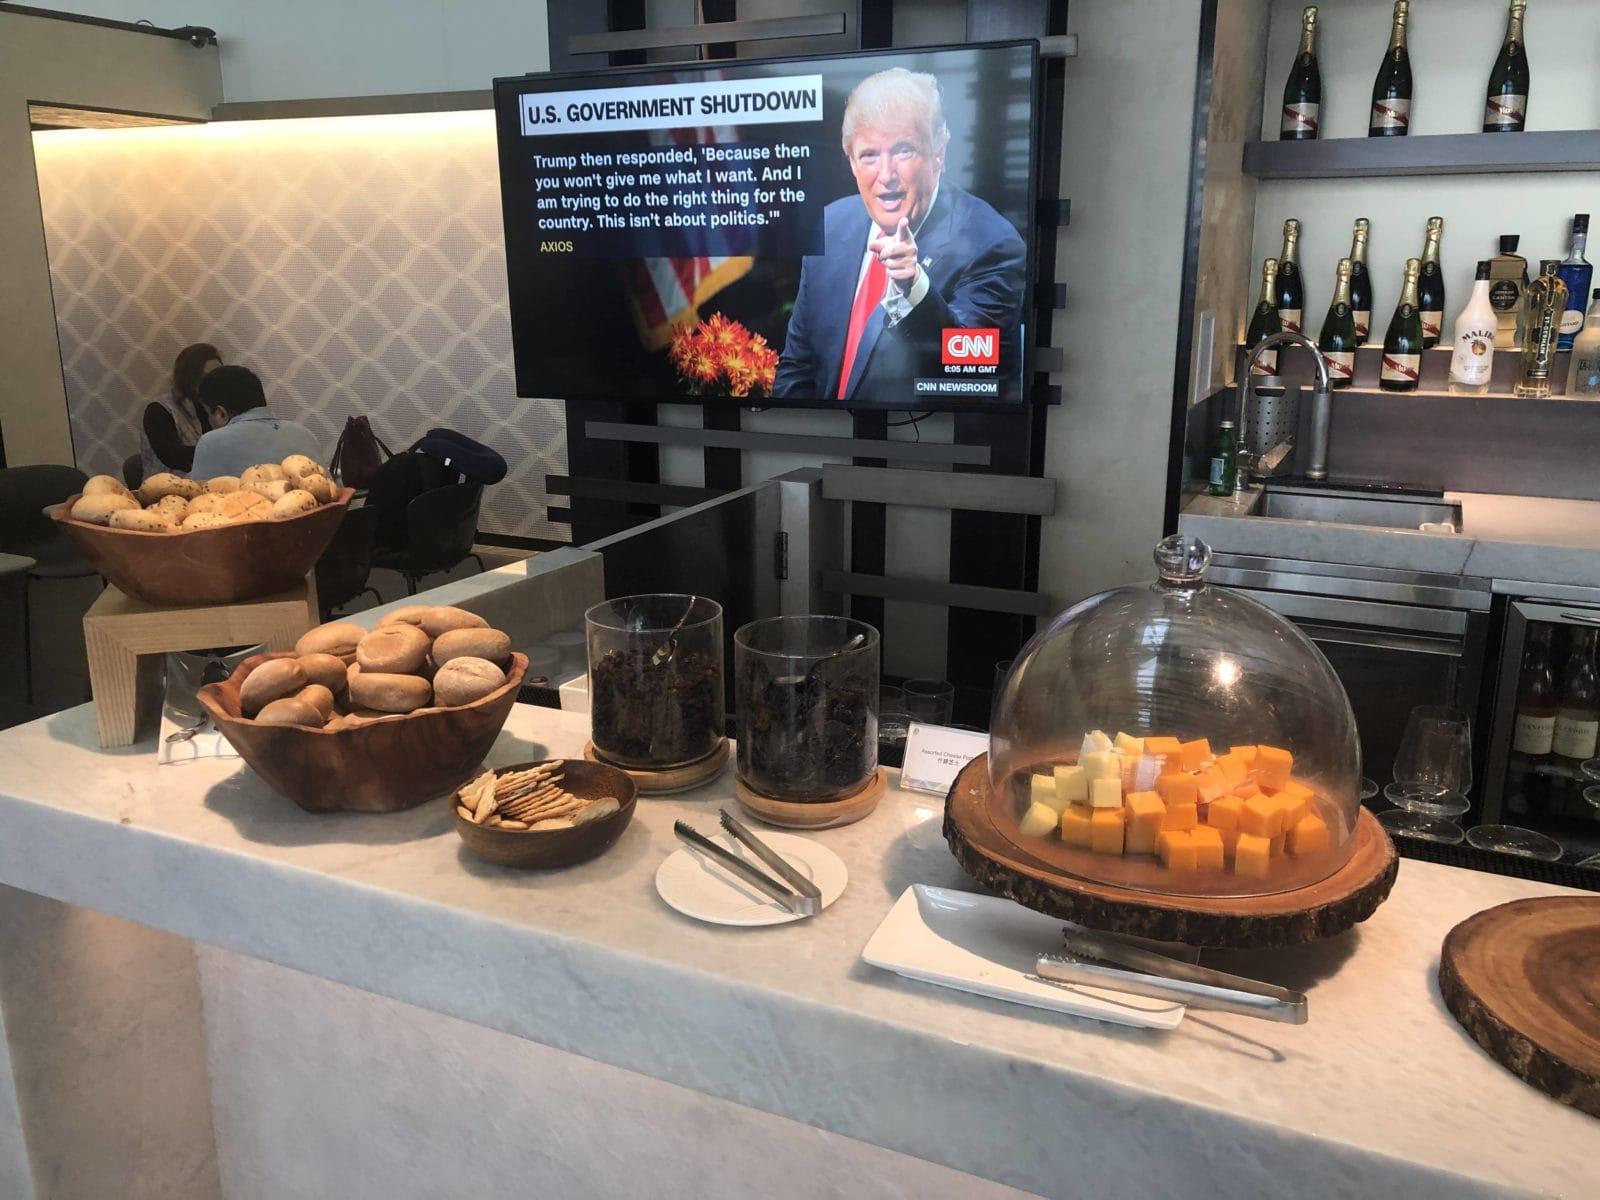 American Express Centurion Lounge Hong Kong Kaese Brot Bar